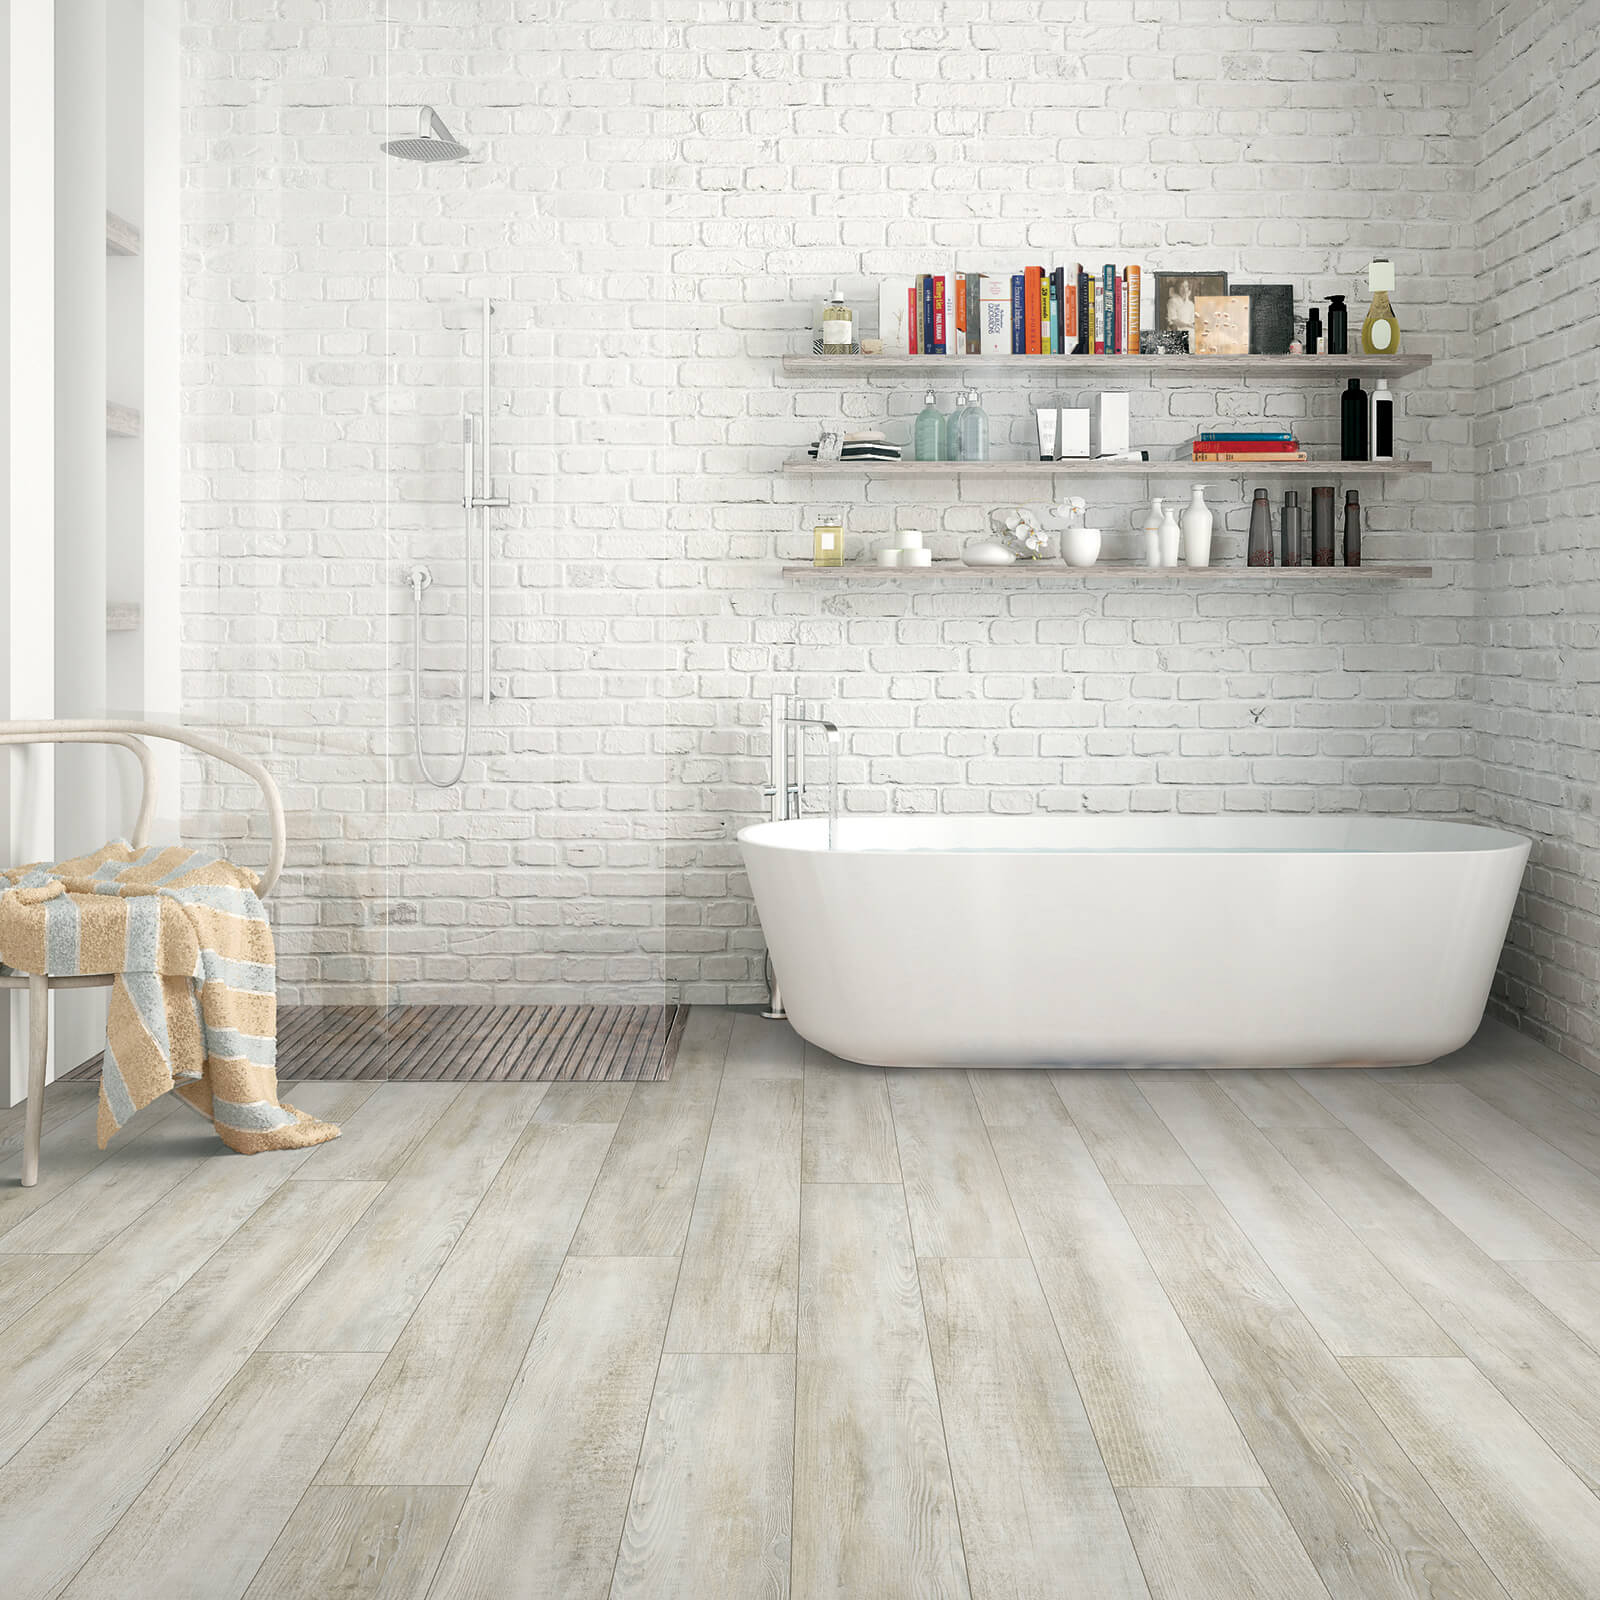 vinyl flooring in bathroom | Gilman Floors